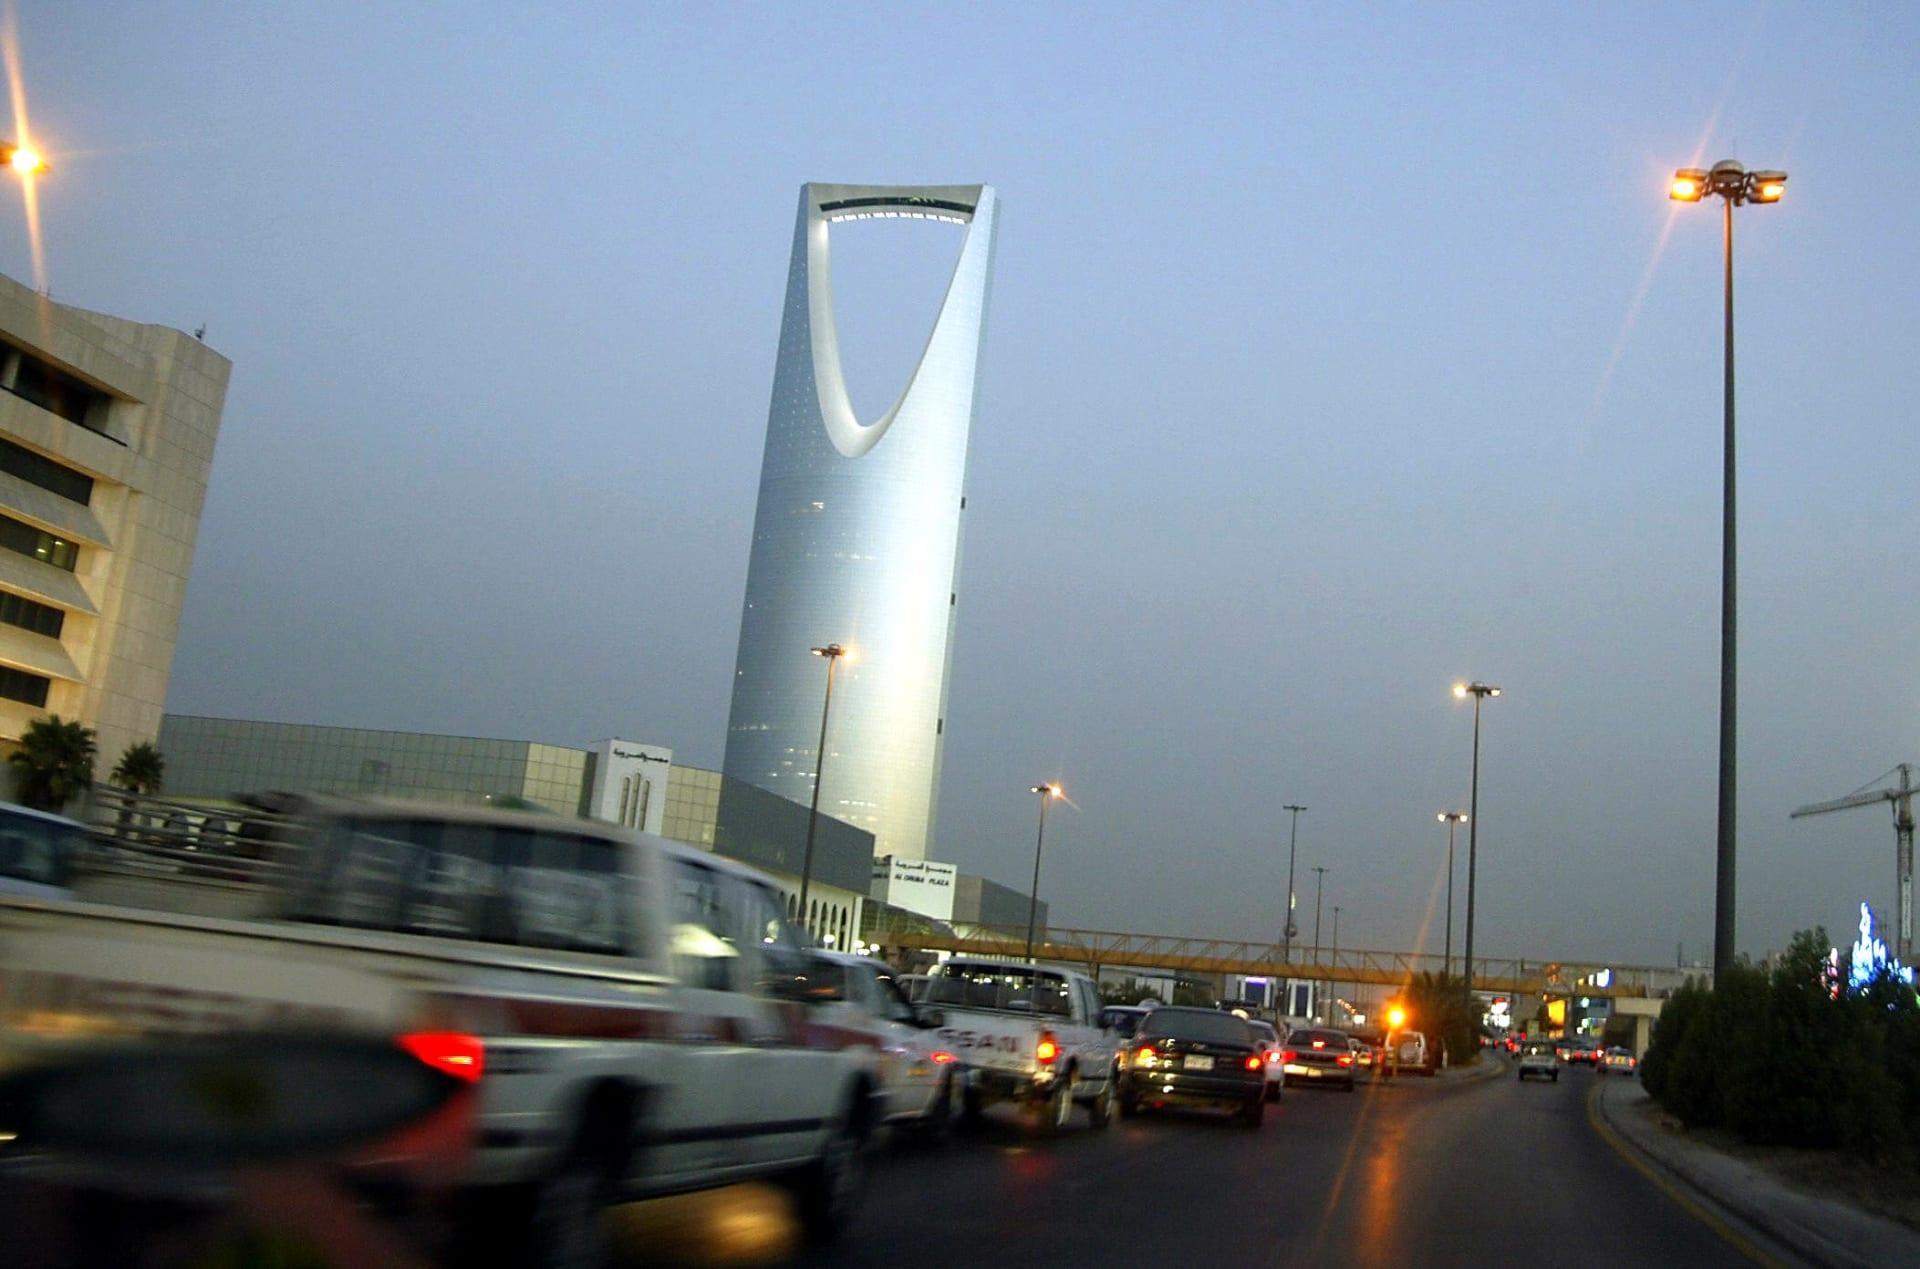 صورة أرشيفية من أحد شوارع العاصمة السعودية، الرياض